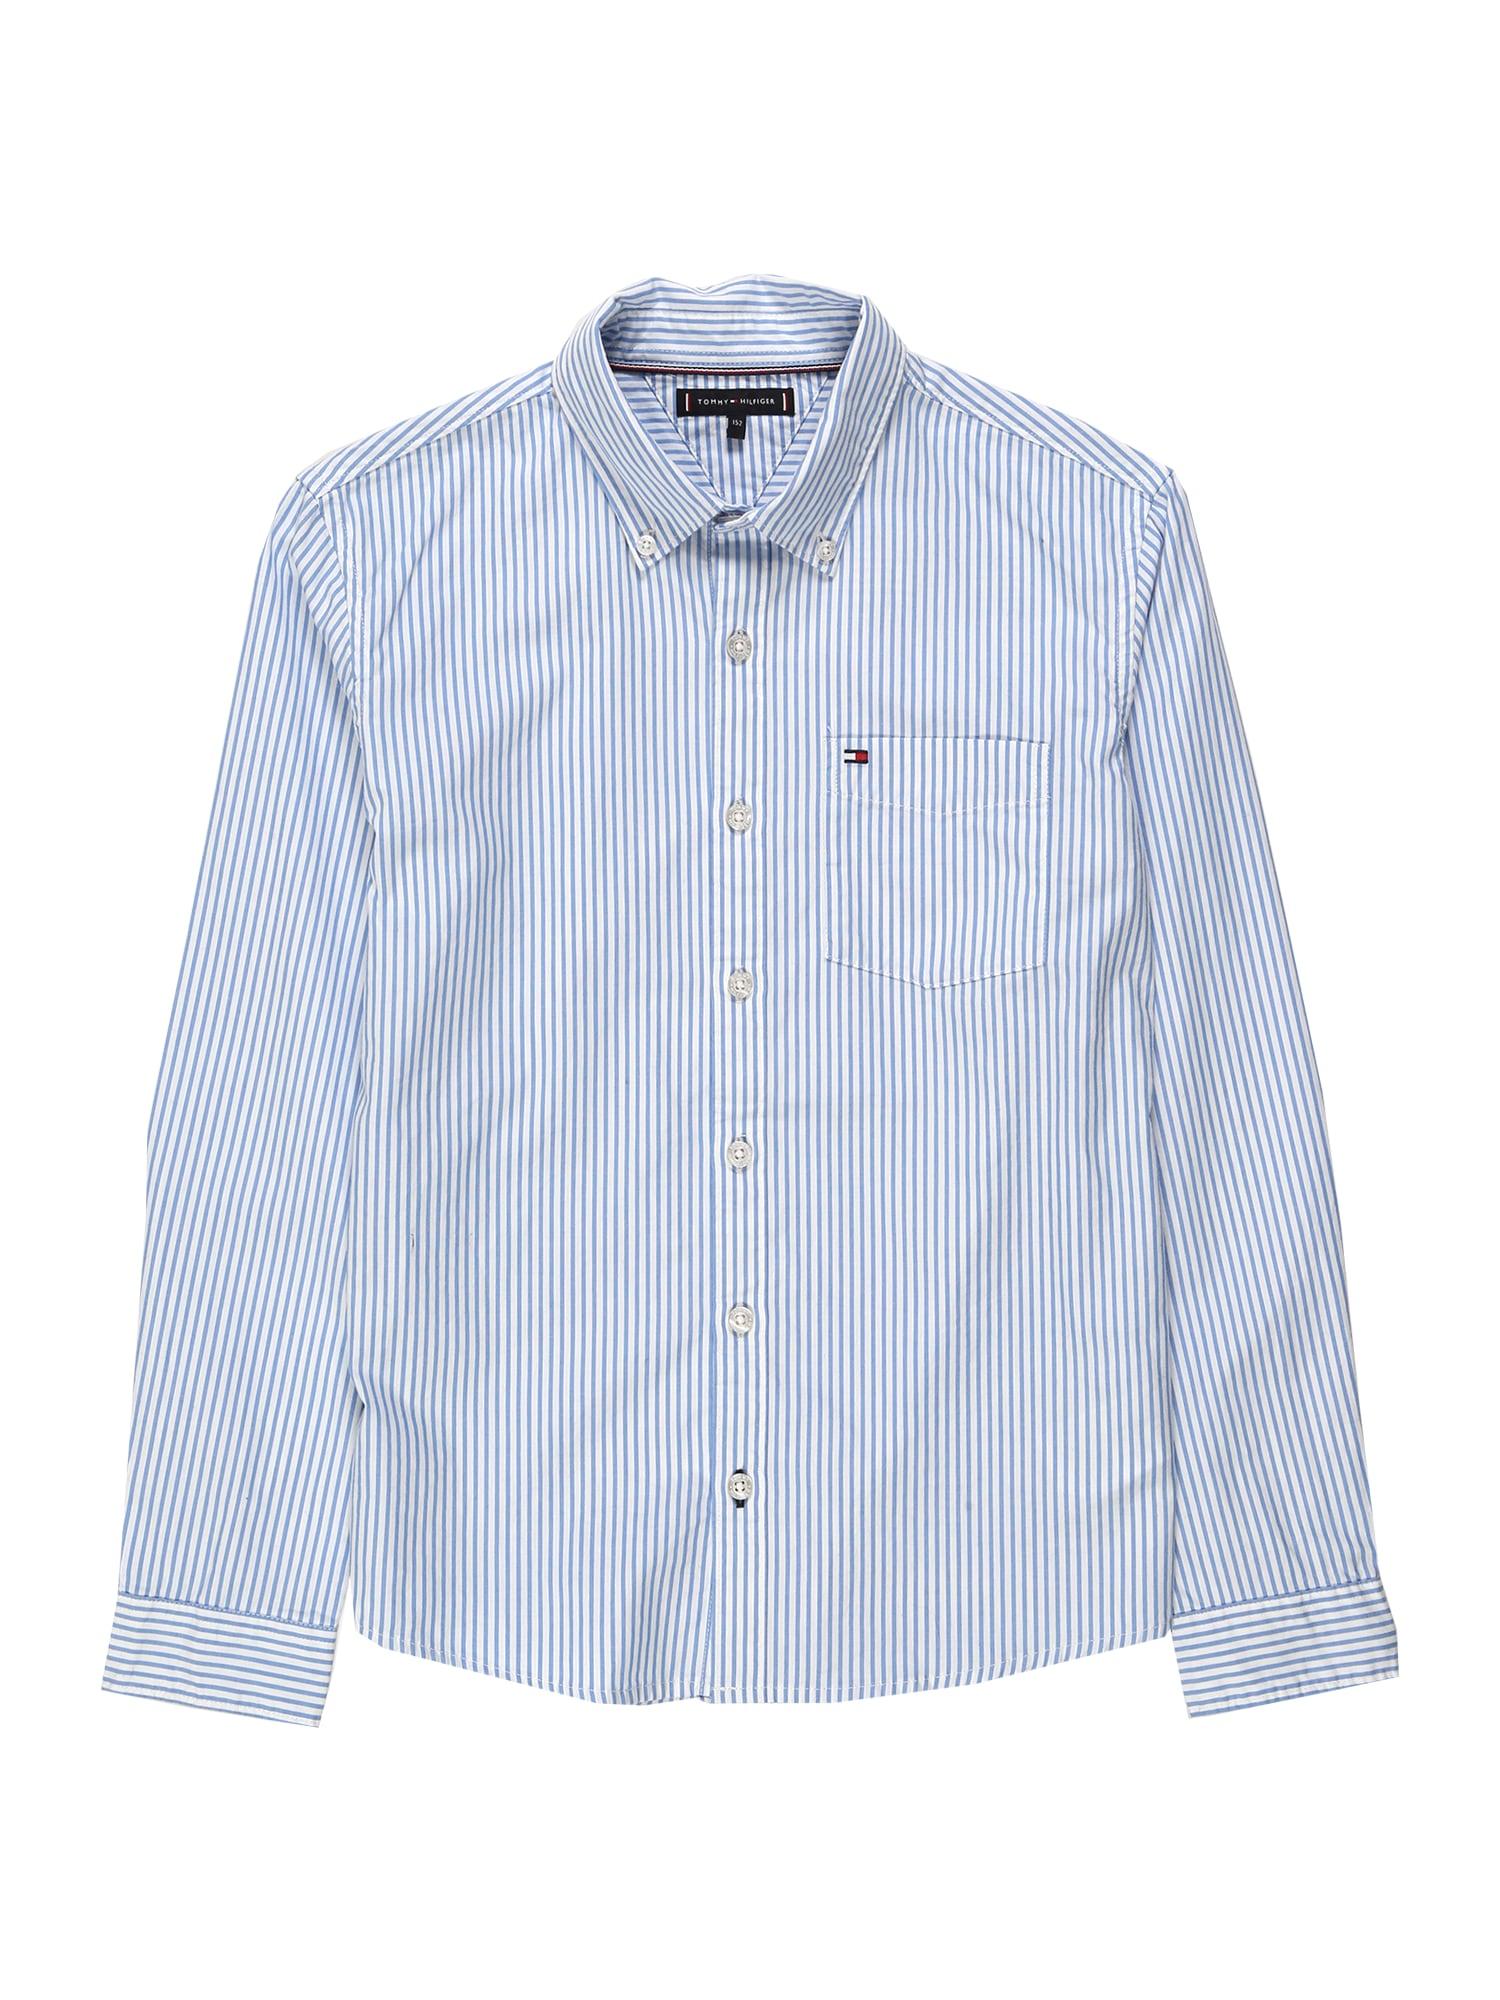 TOMMY HILFIGER Dalykiniai marškiniai balta / opalo